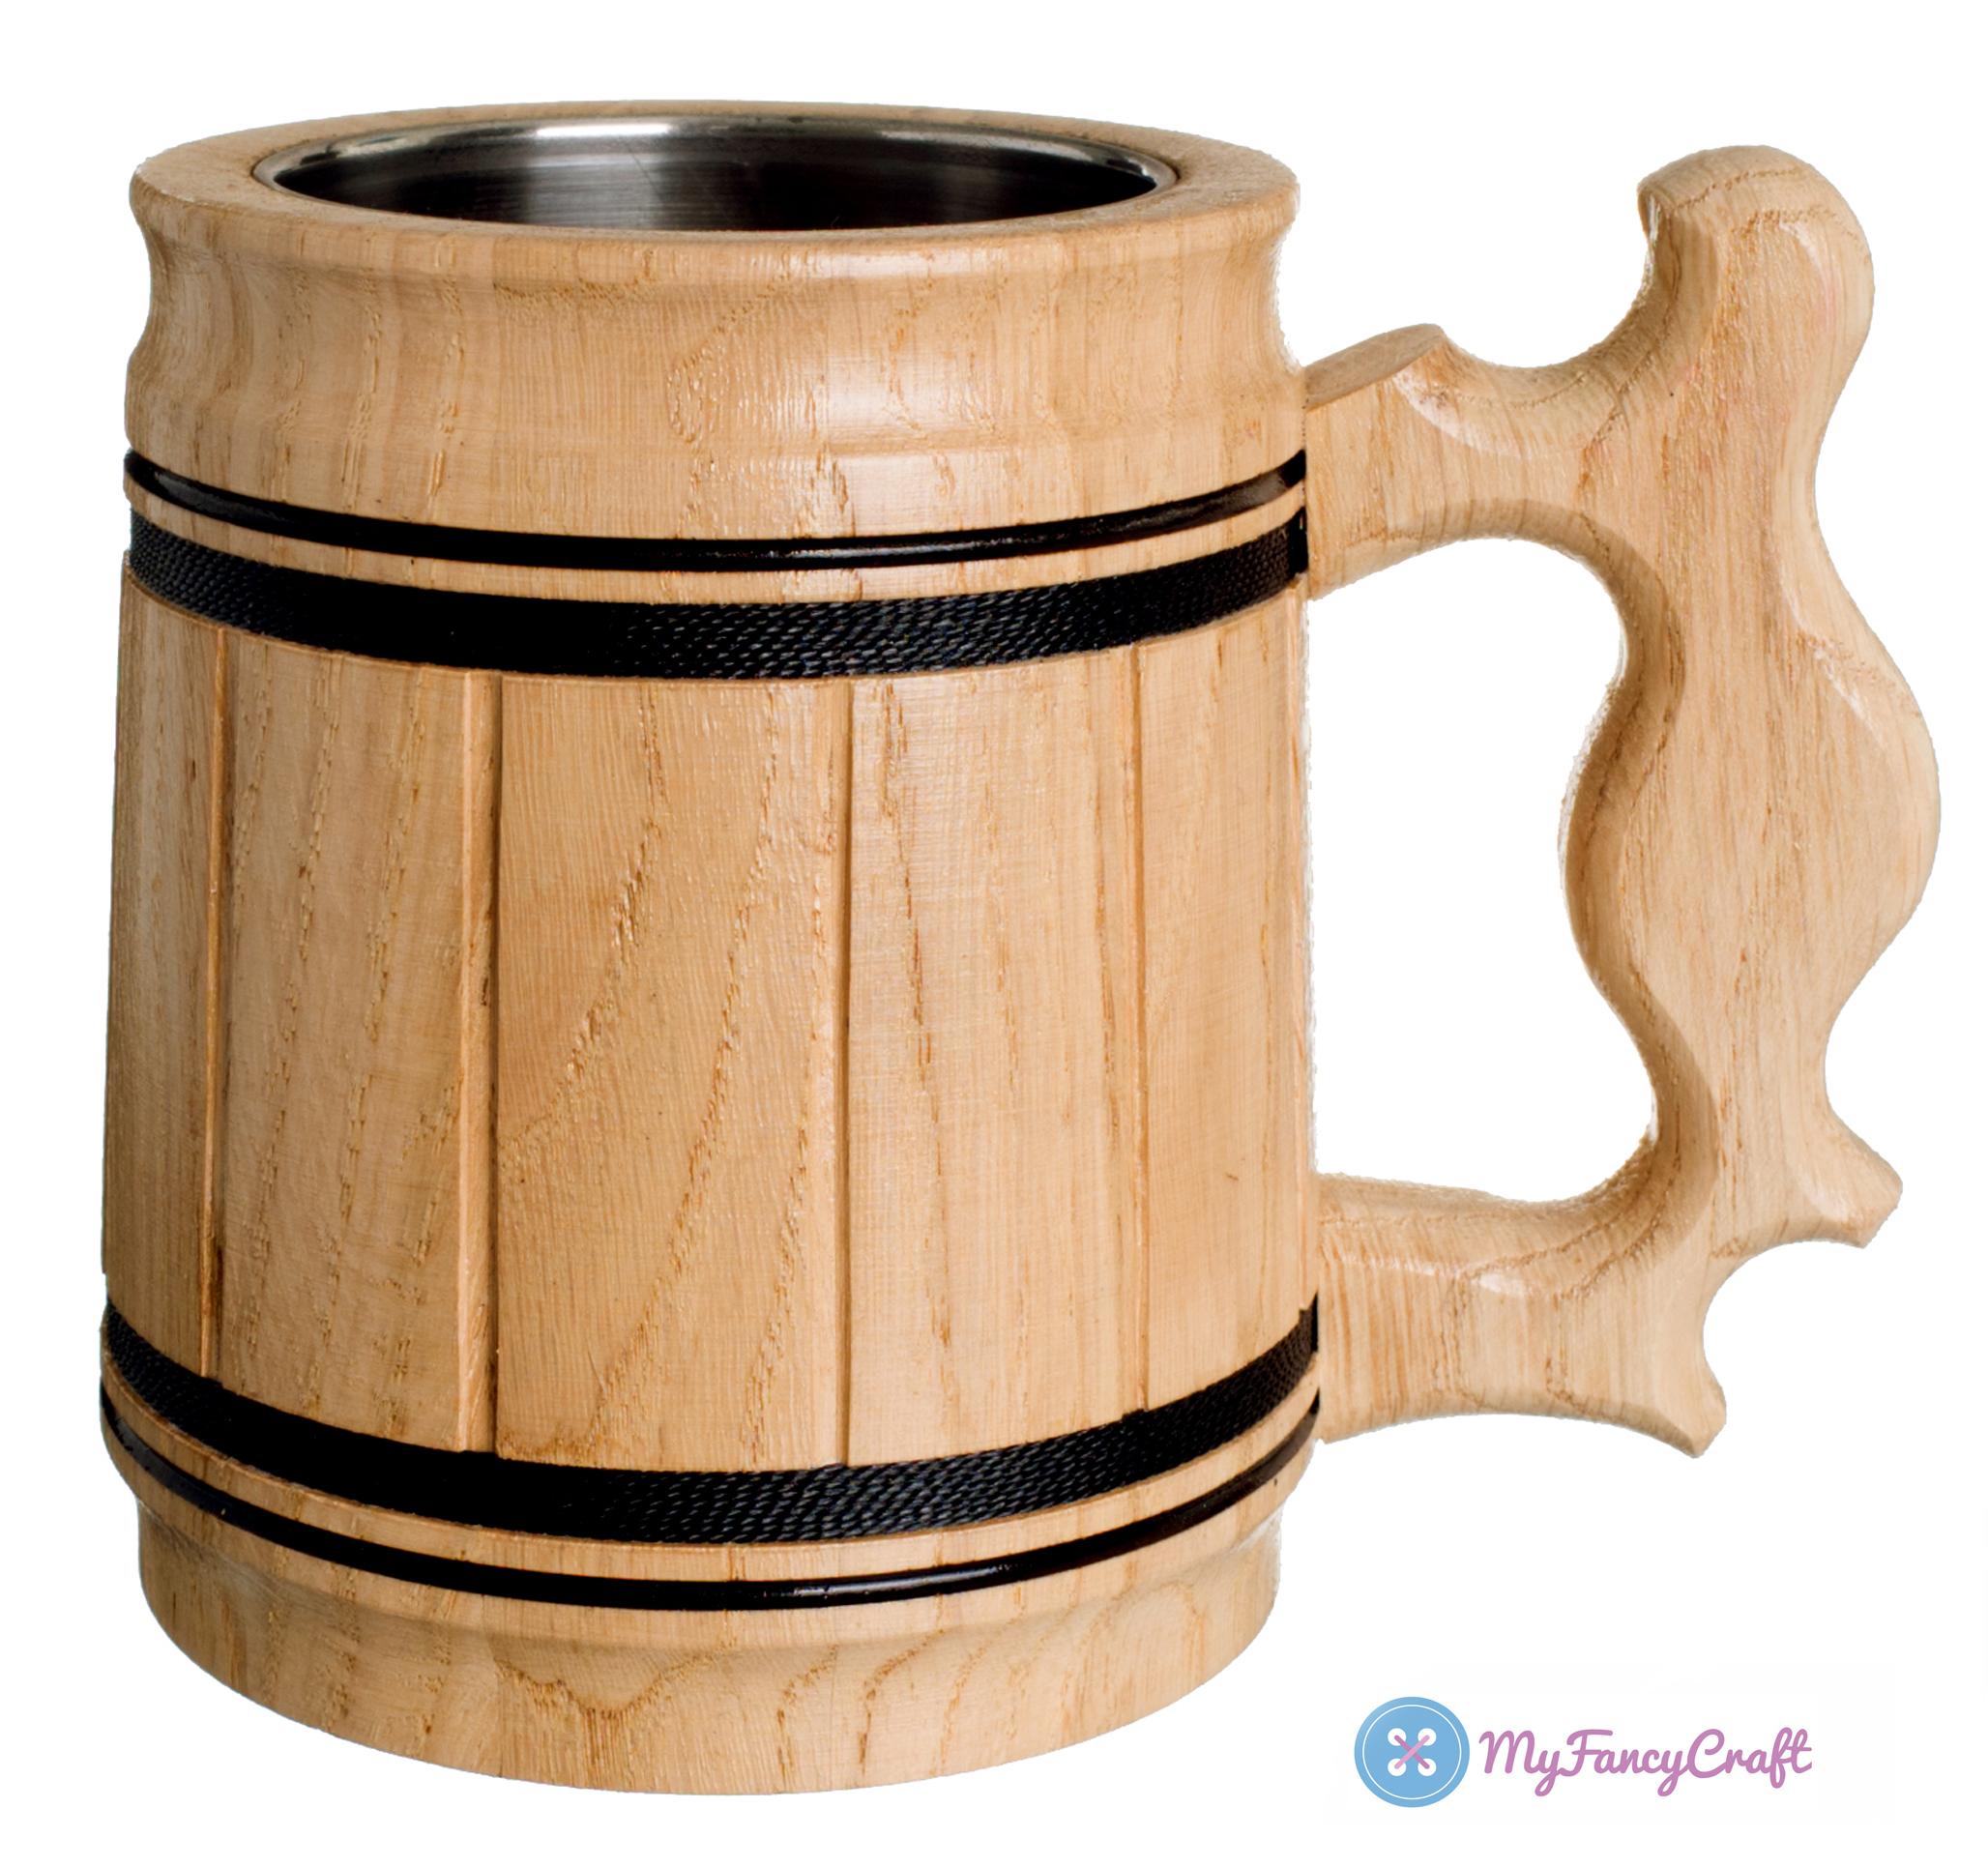 Buy Handmade Beer Mug Oak Wood Stainless Steel Cup Gift Natural Eco